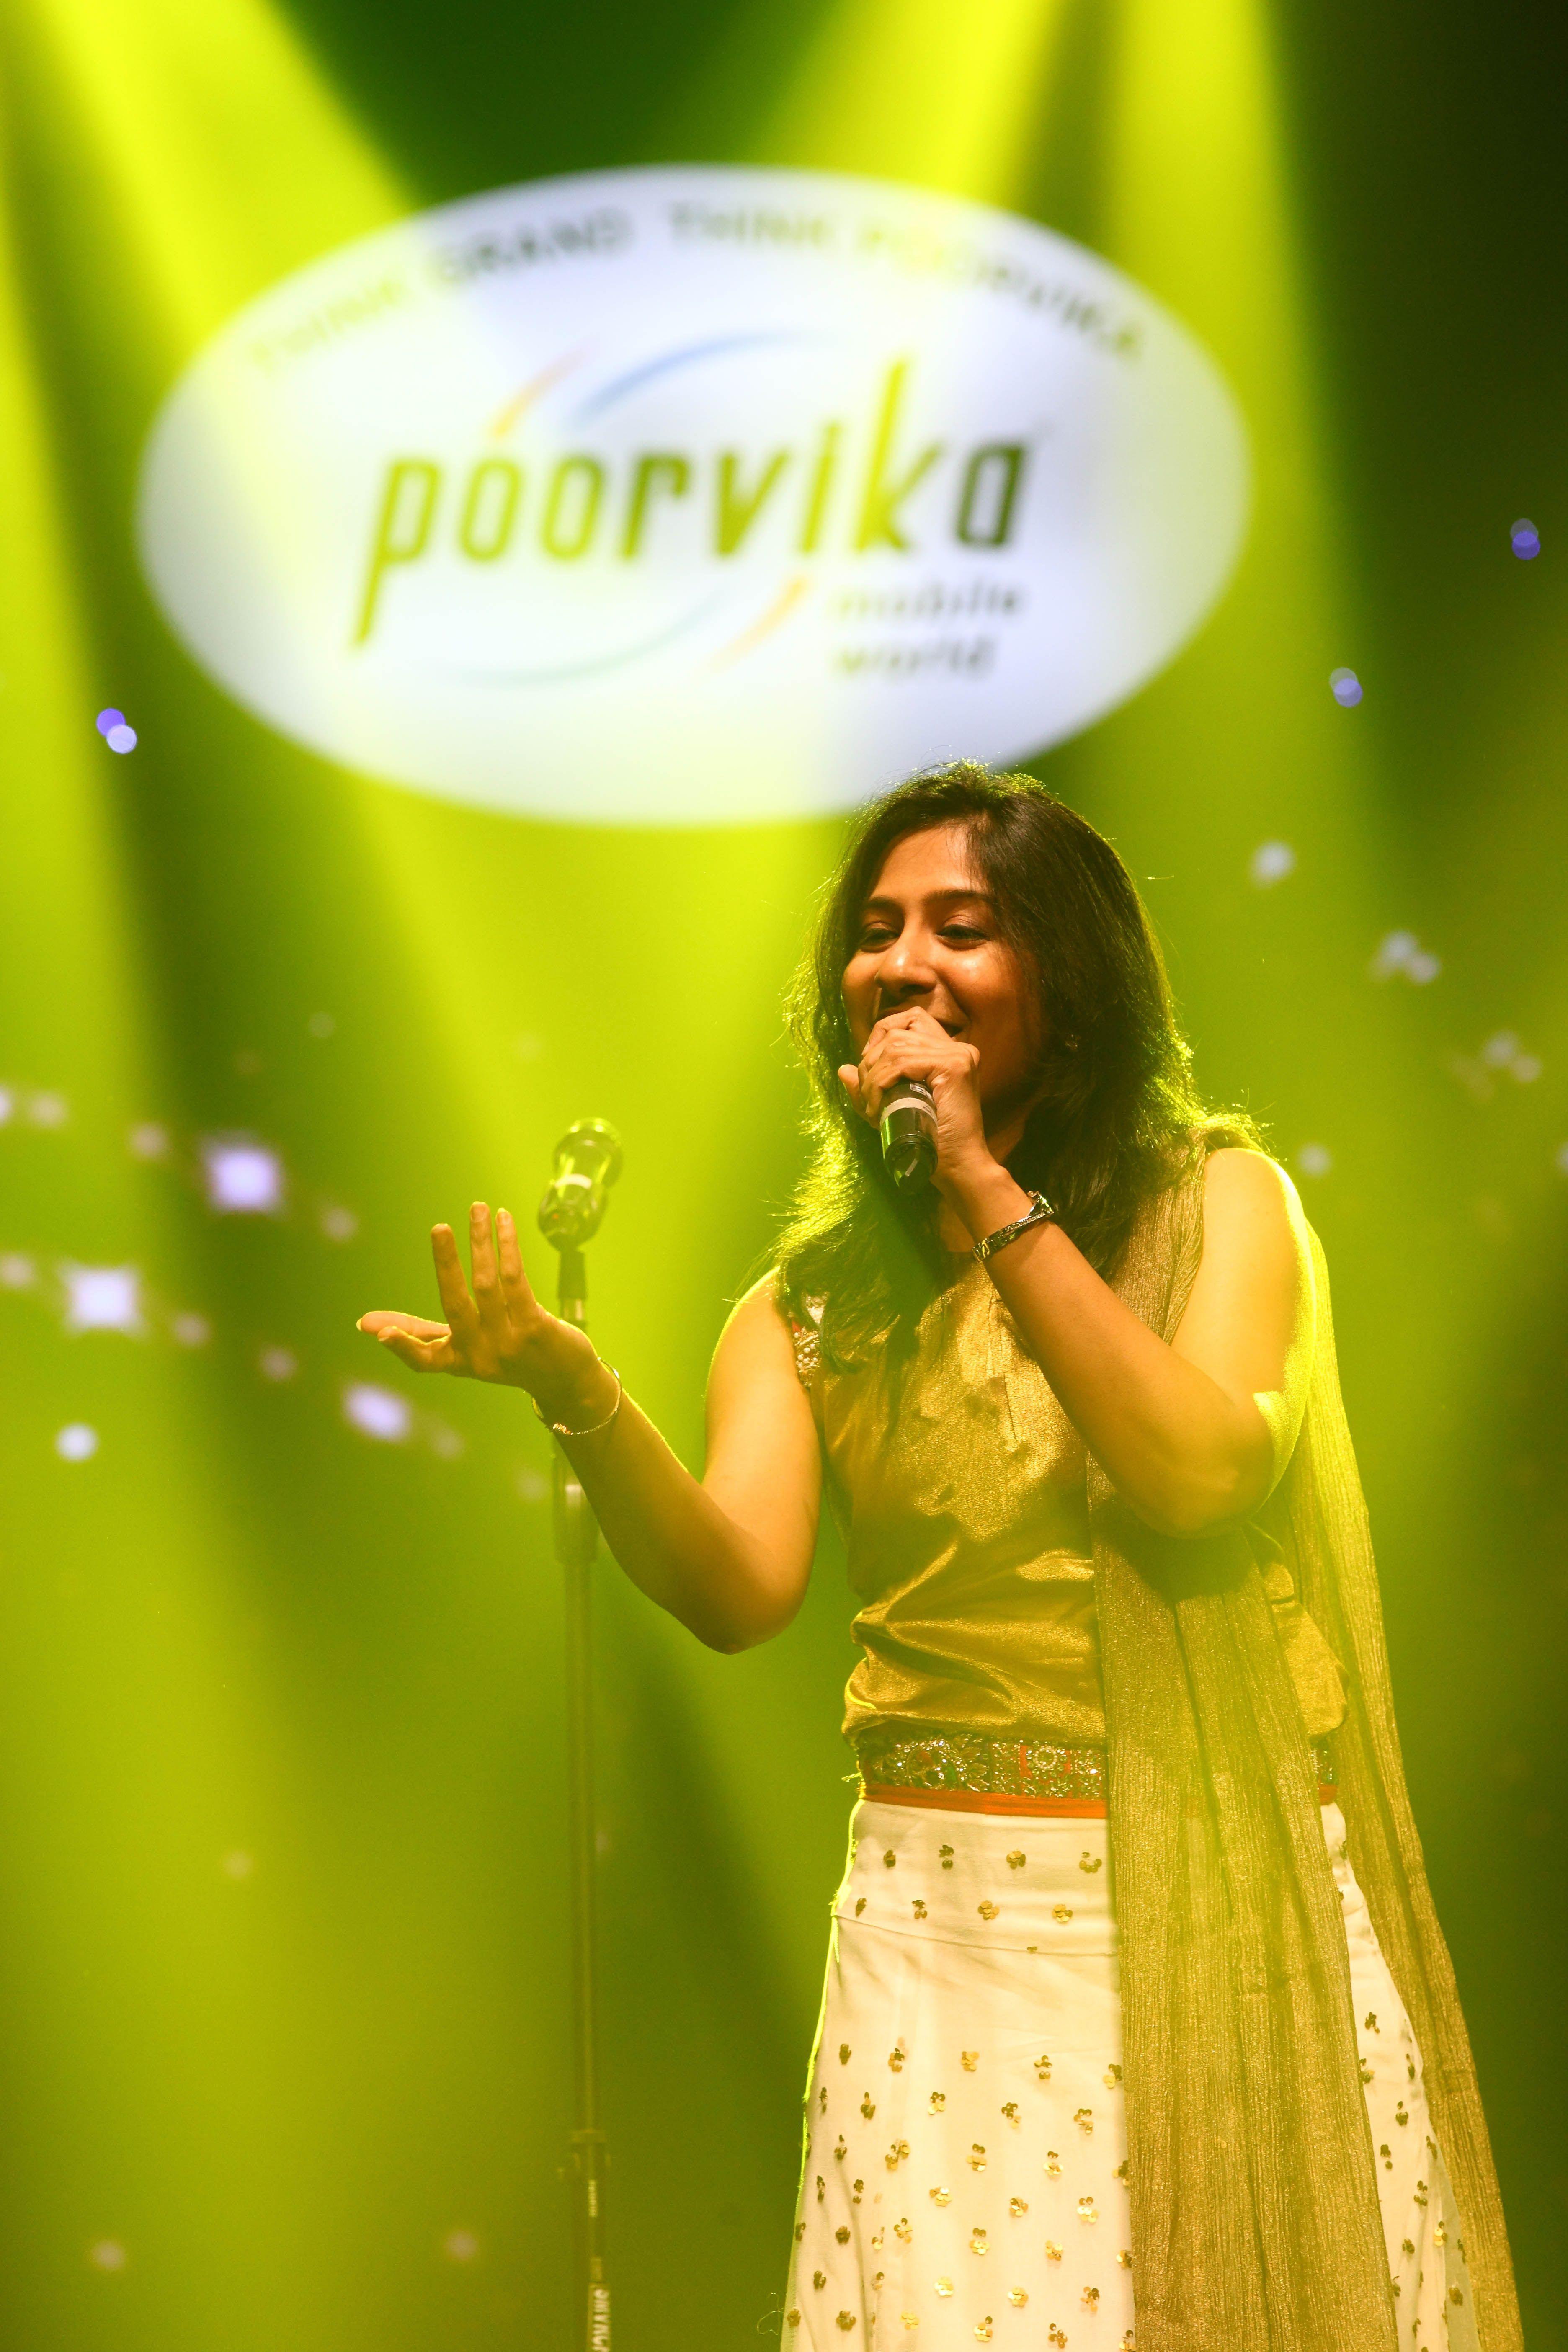 Poorvika Mobiles, Singer Swetha Mohan @ Samsung Grand 2